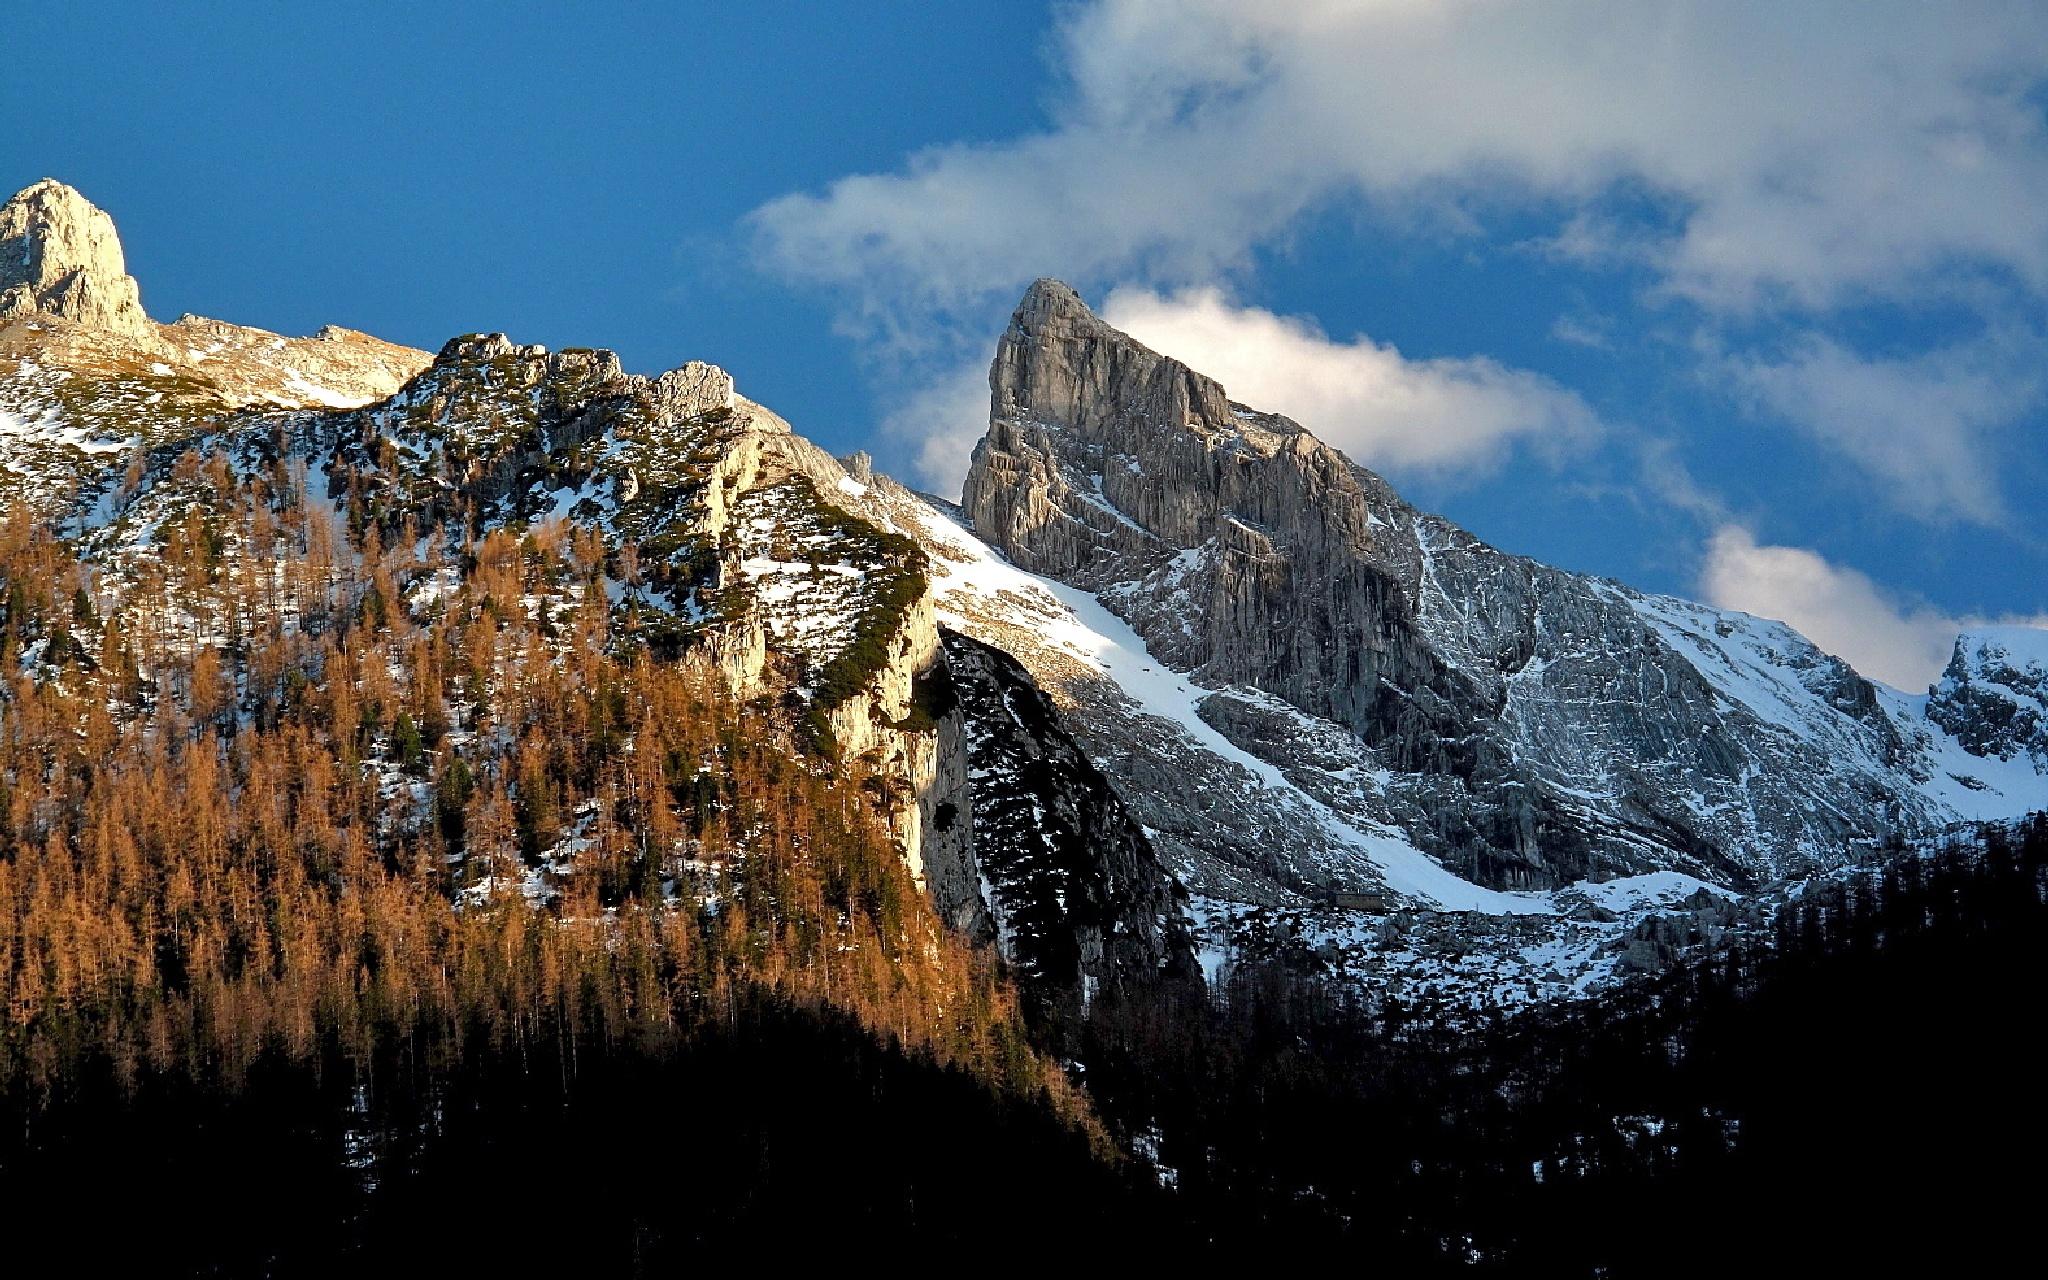 Schärtenspitze, Berchtesgaden Alps by echumachenco